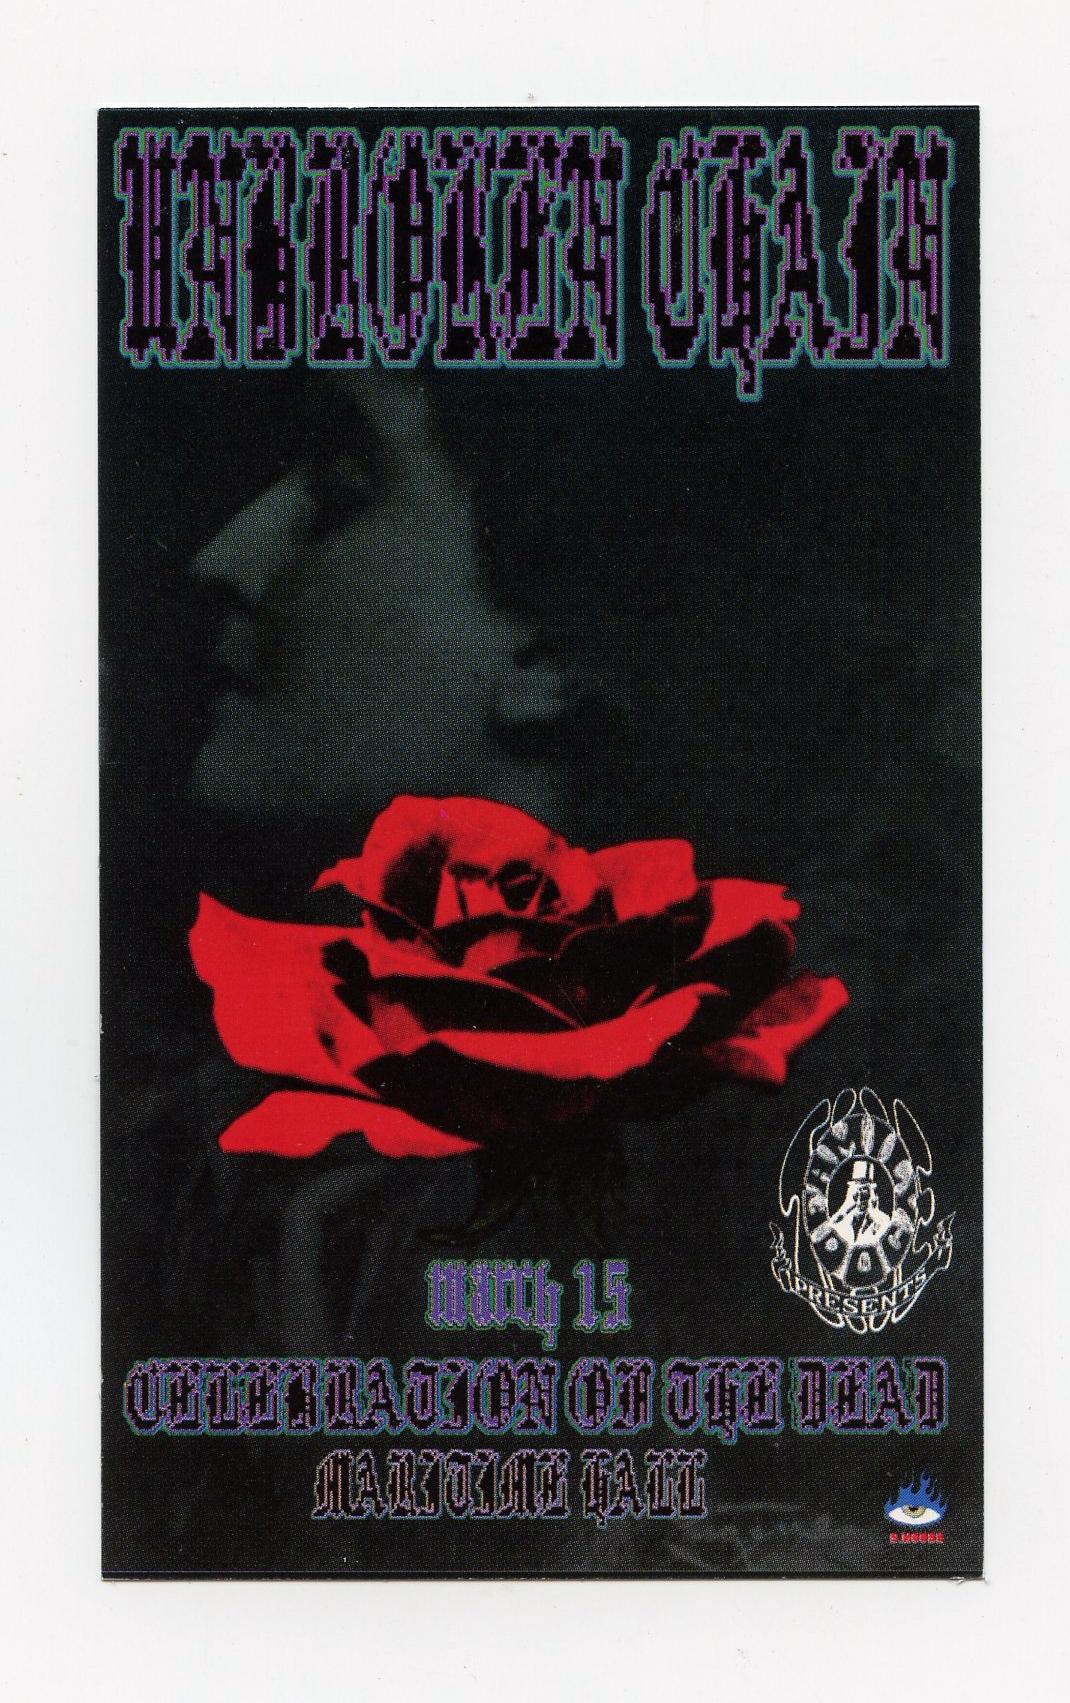 Maritime Hall Handbill 1996 Jan 12 Unbroken Chain Stanley Mouse